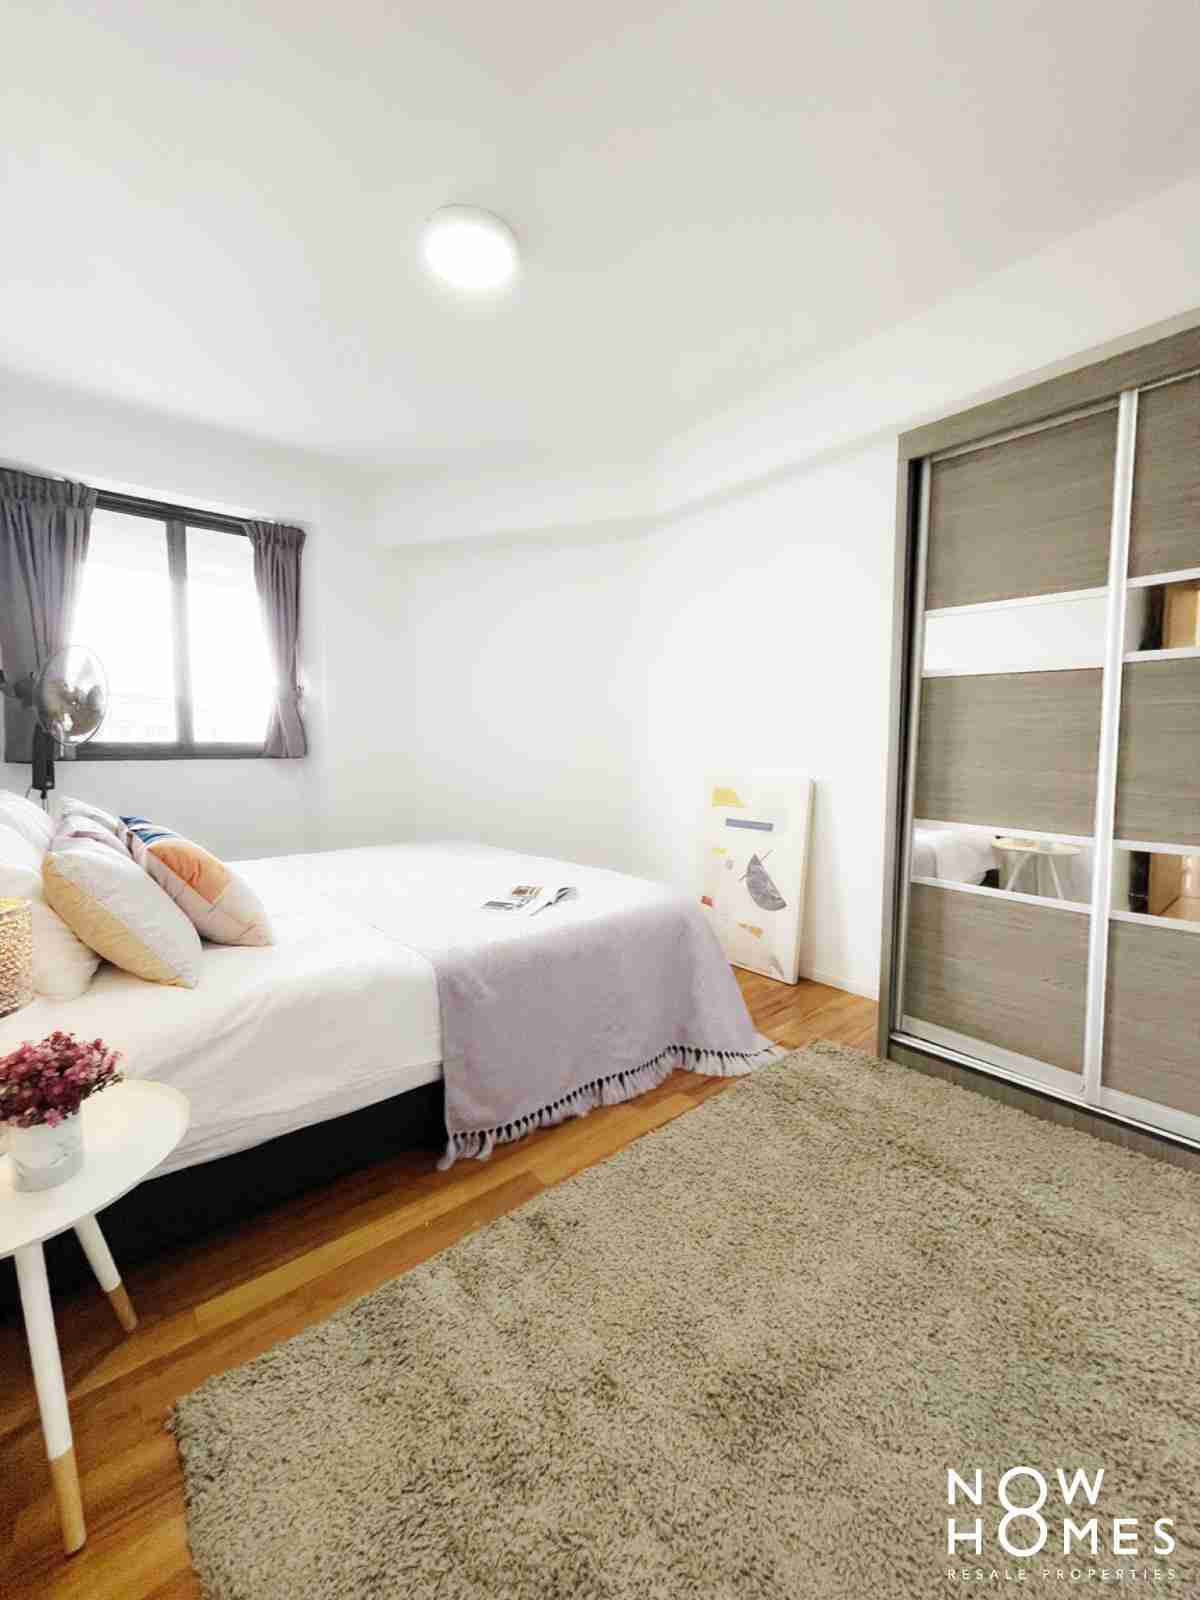 punggol resale property - 310B Punggol Walk - Master Room Long View